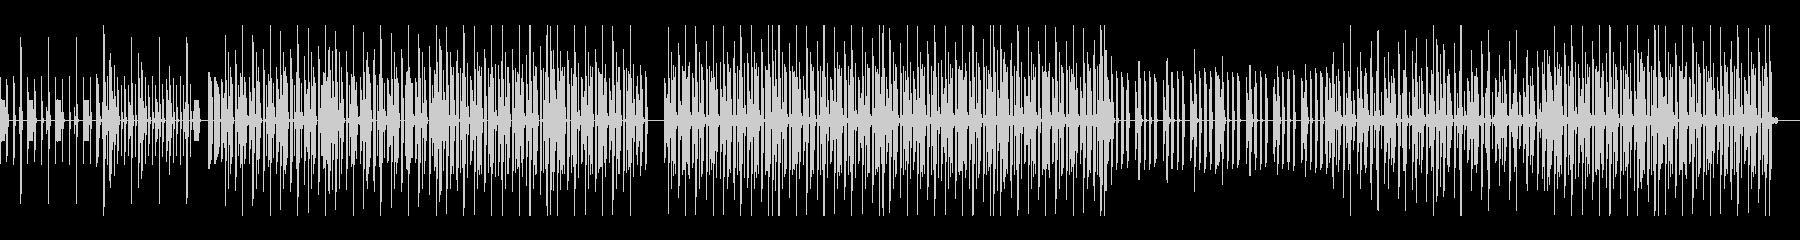 ハウスドラム音源、宣伝・紹介動画などにの未再生の波形